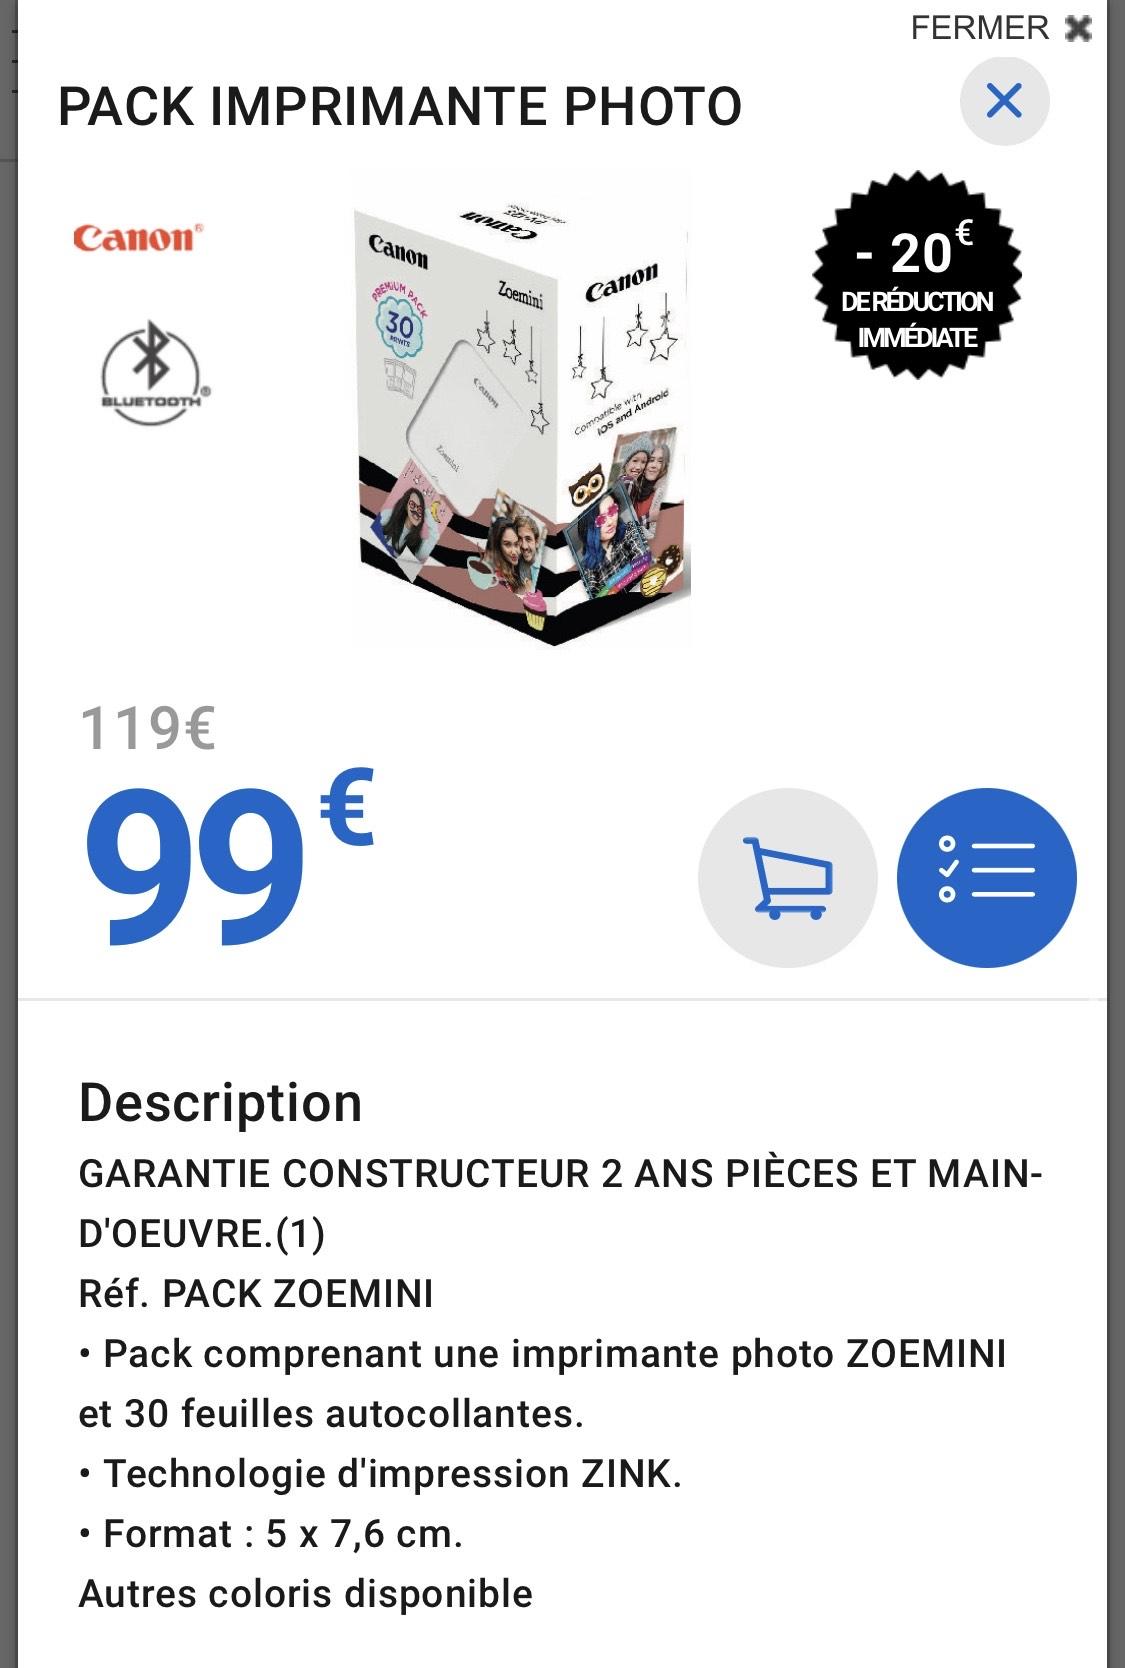 Pack Imprimante Photo Canon ZOEMINI